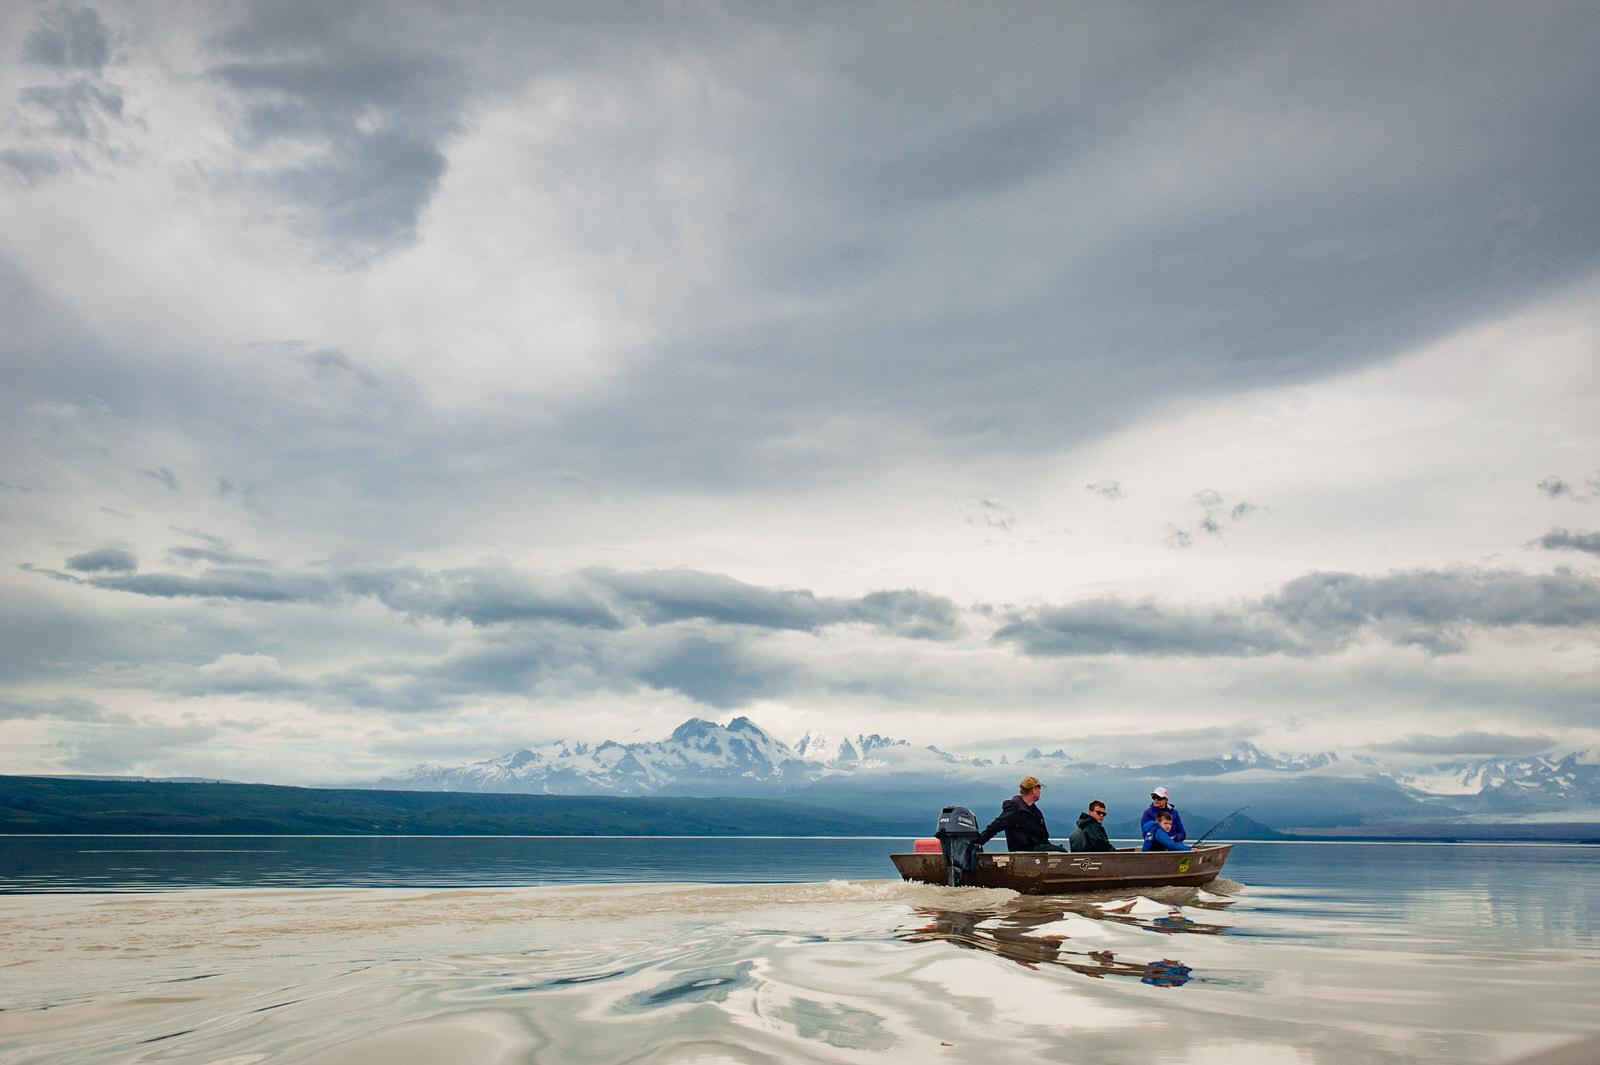 Beluga_lake_alaska_fly_out_fishing_trip (26).jpg